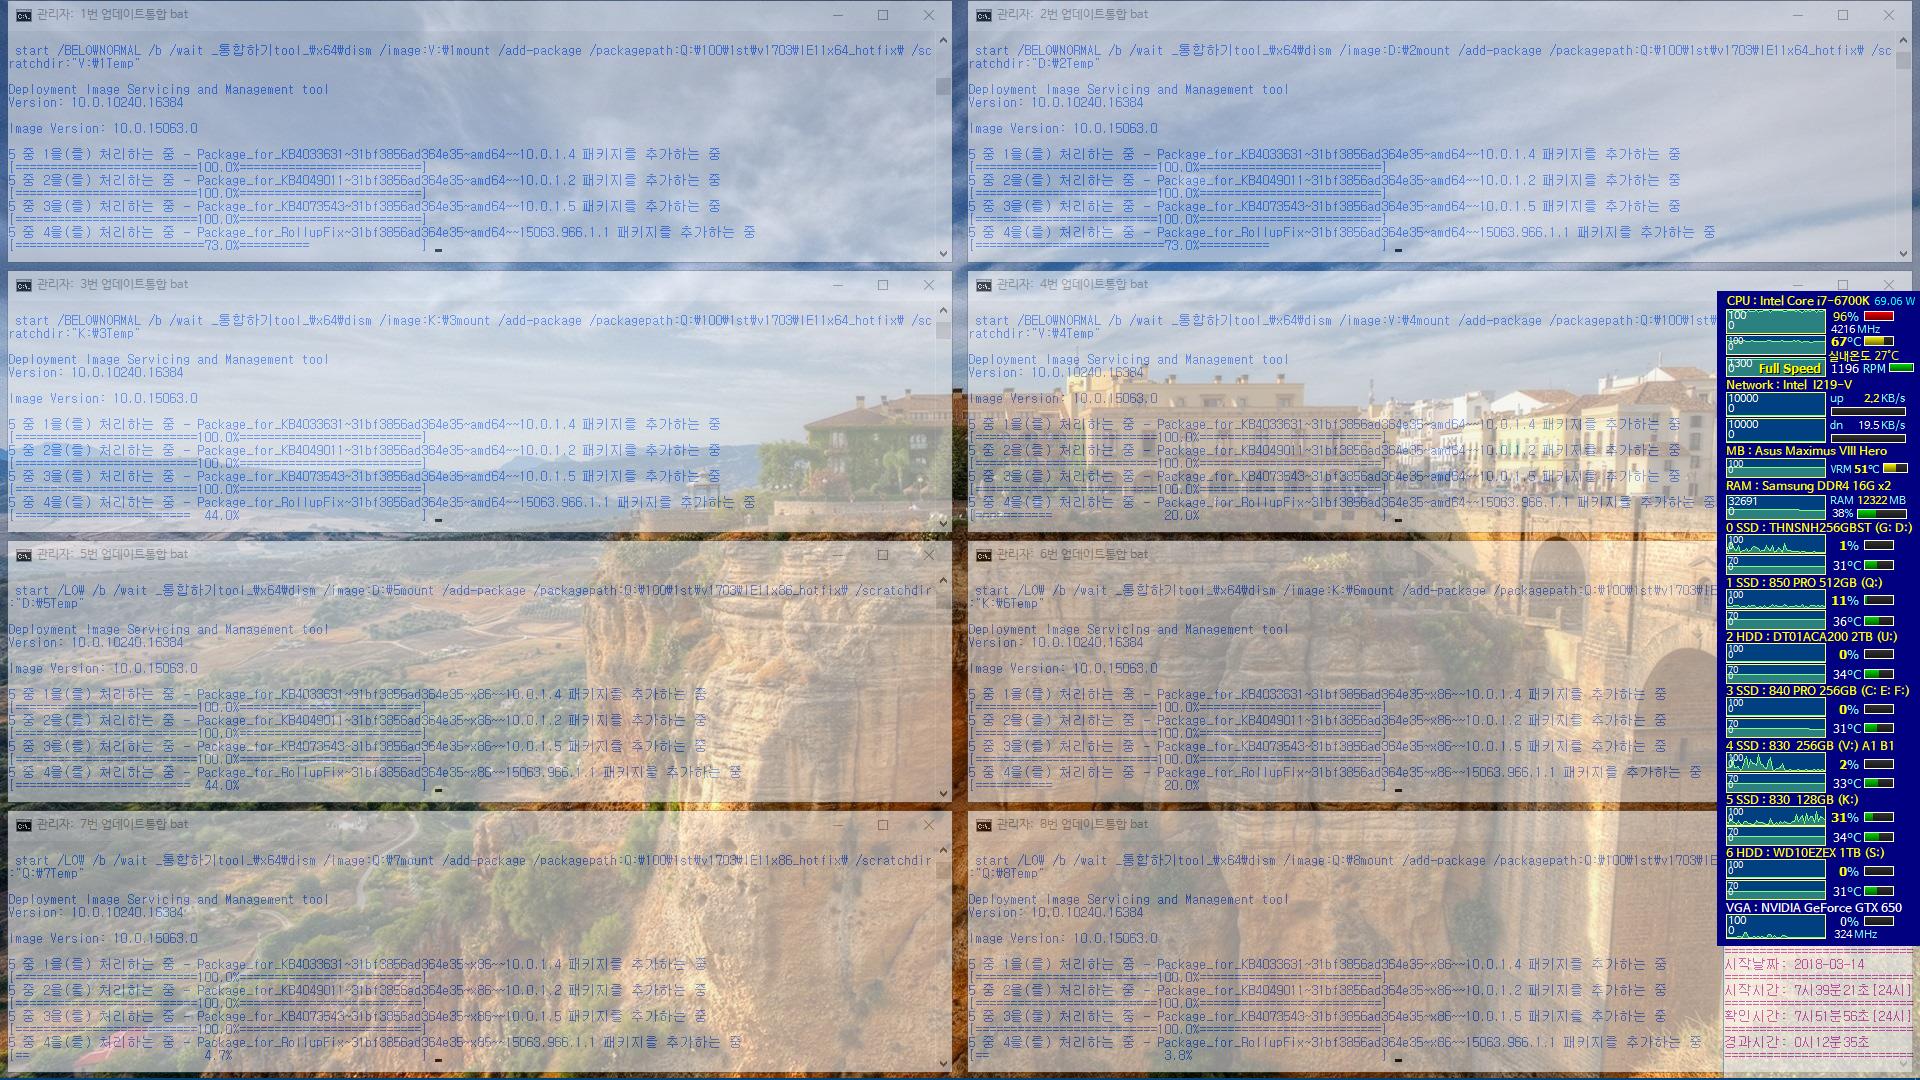 2018년 3월 14일 정기 업데이트 나왔네요 - 윈도10 버전1703 [15063.966] 통합중 입니다 2018-03-14_075157.png